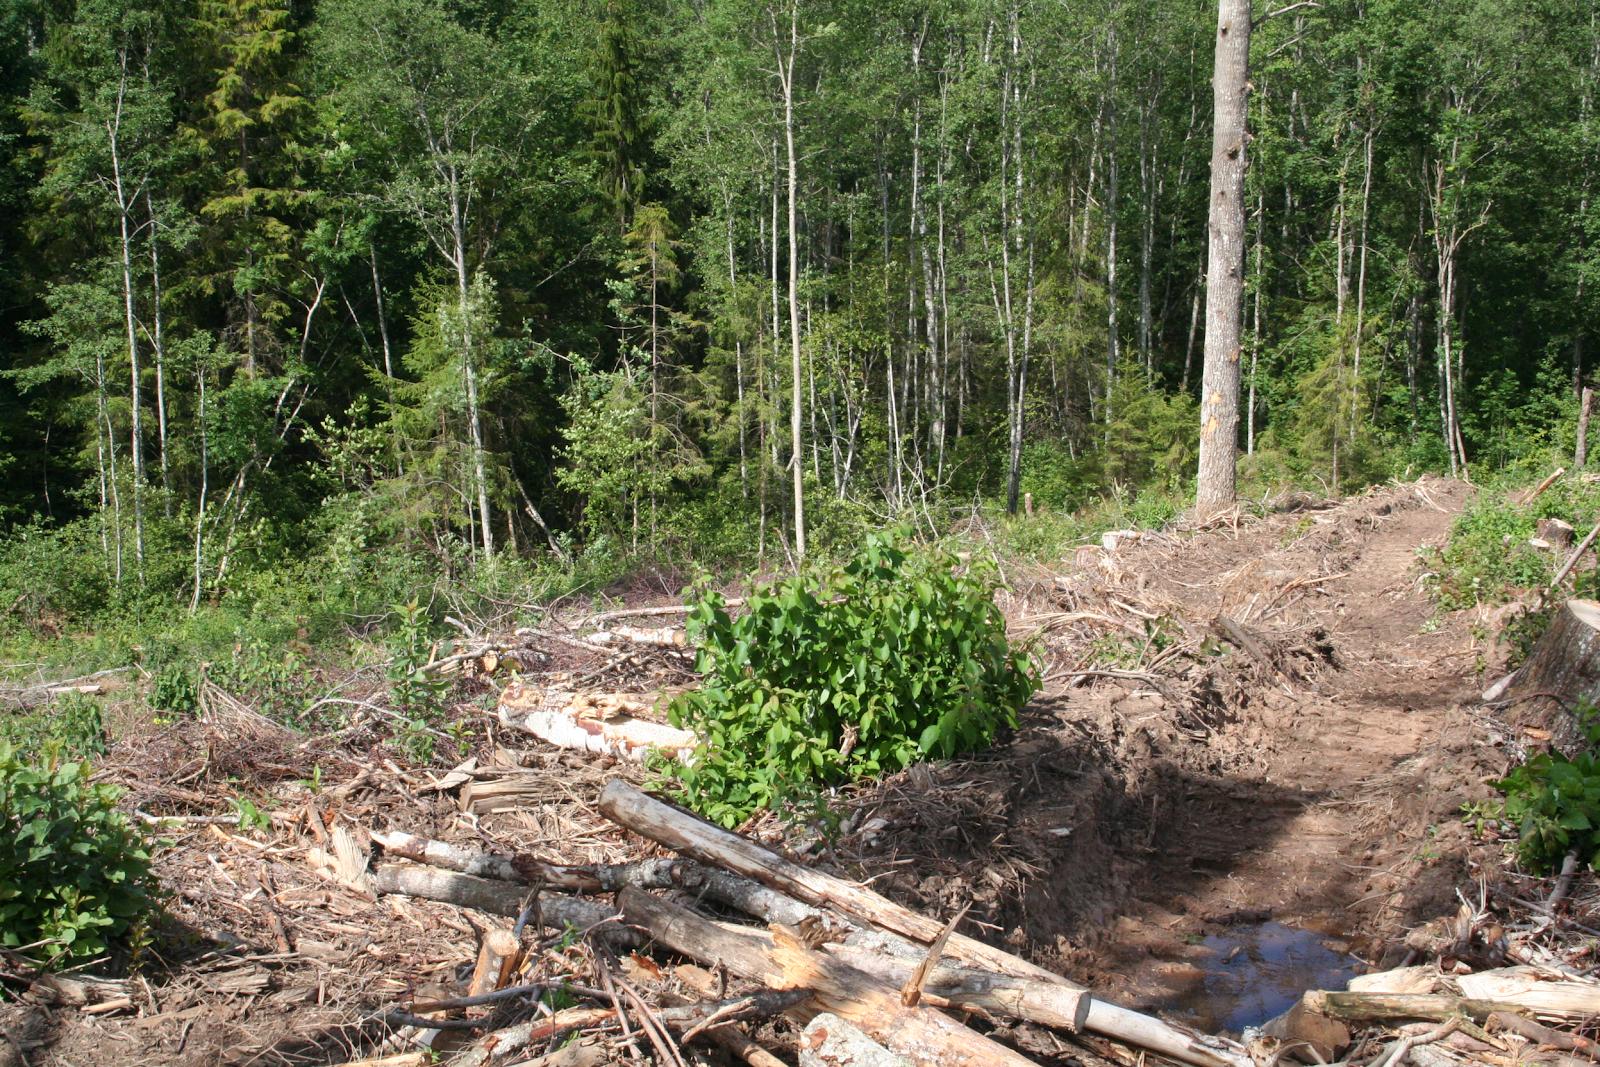 Lageraie kokkuveotee Otepää looduspargis. Foto: L. Kuresoo